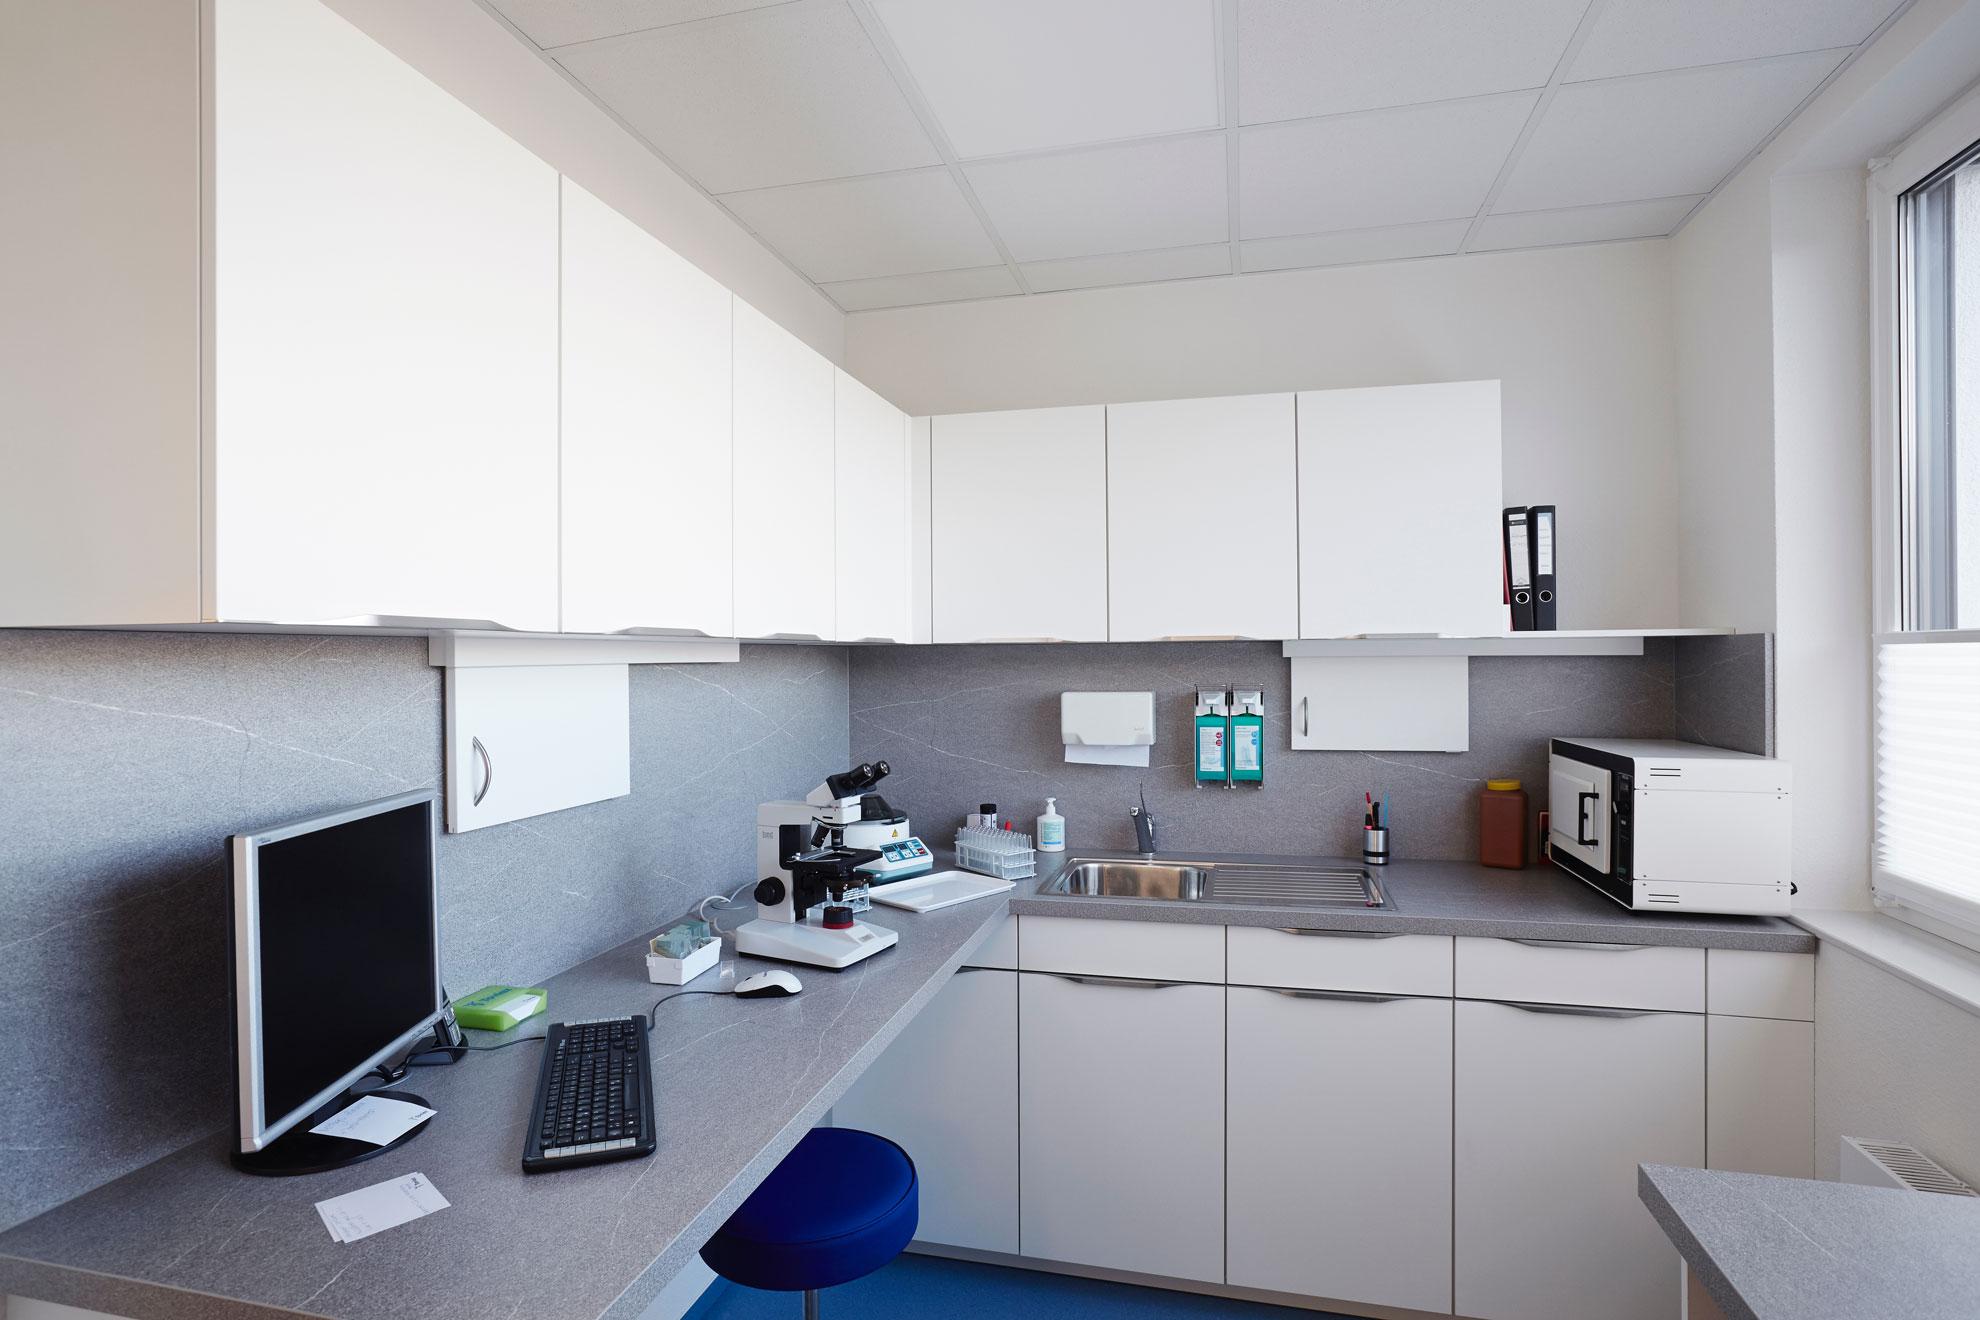 praxis dr med stratmann. Black Bedroom Furniture Sets. Home Design Ideas